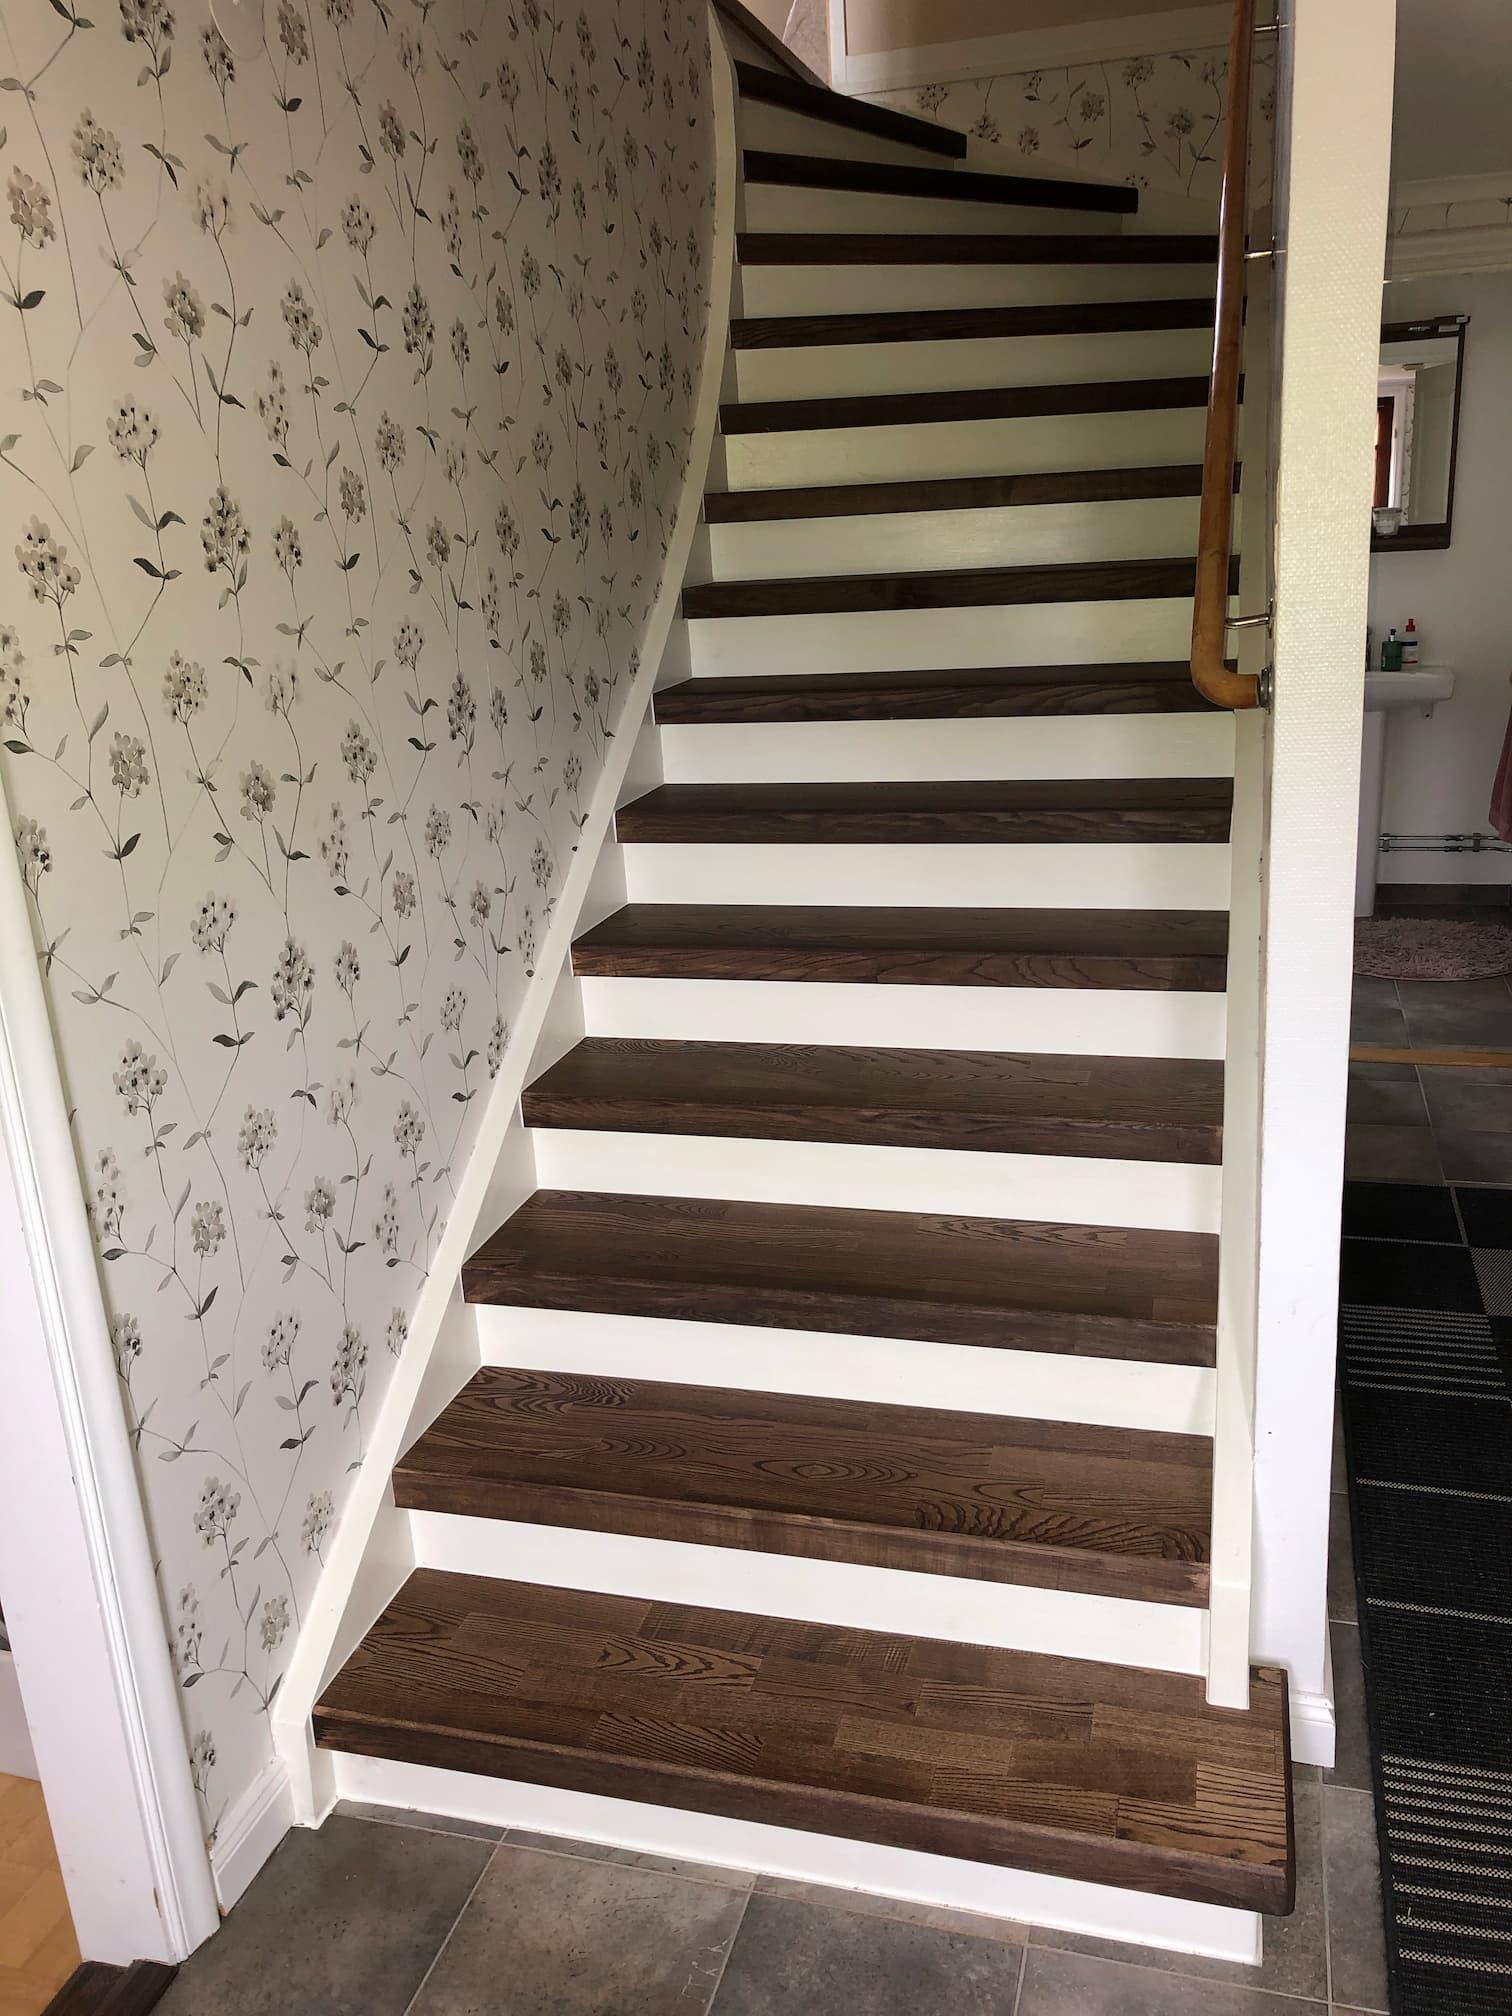 Stängd trappa med steg i mörk ask